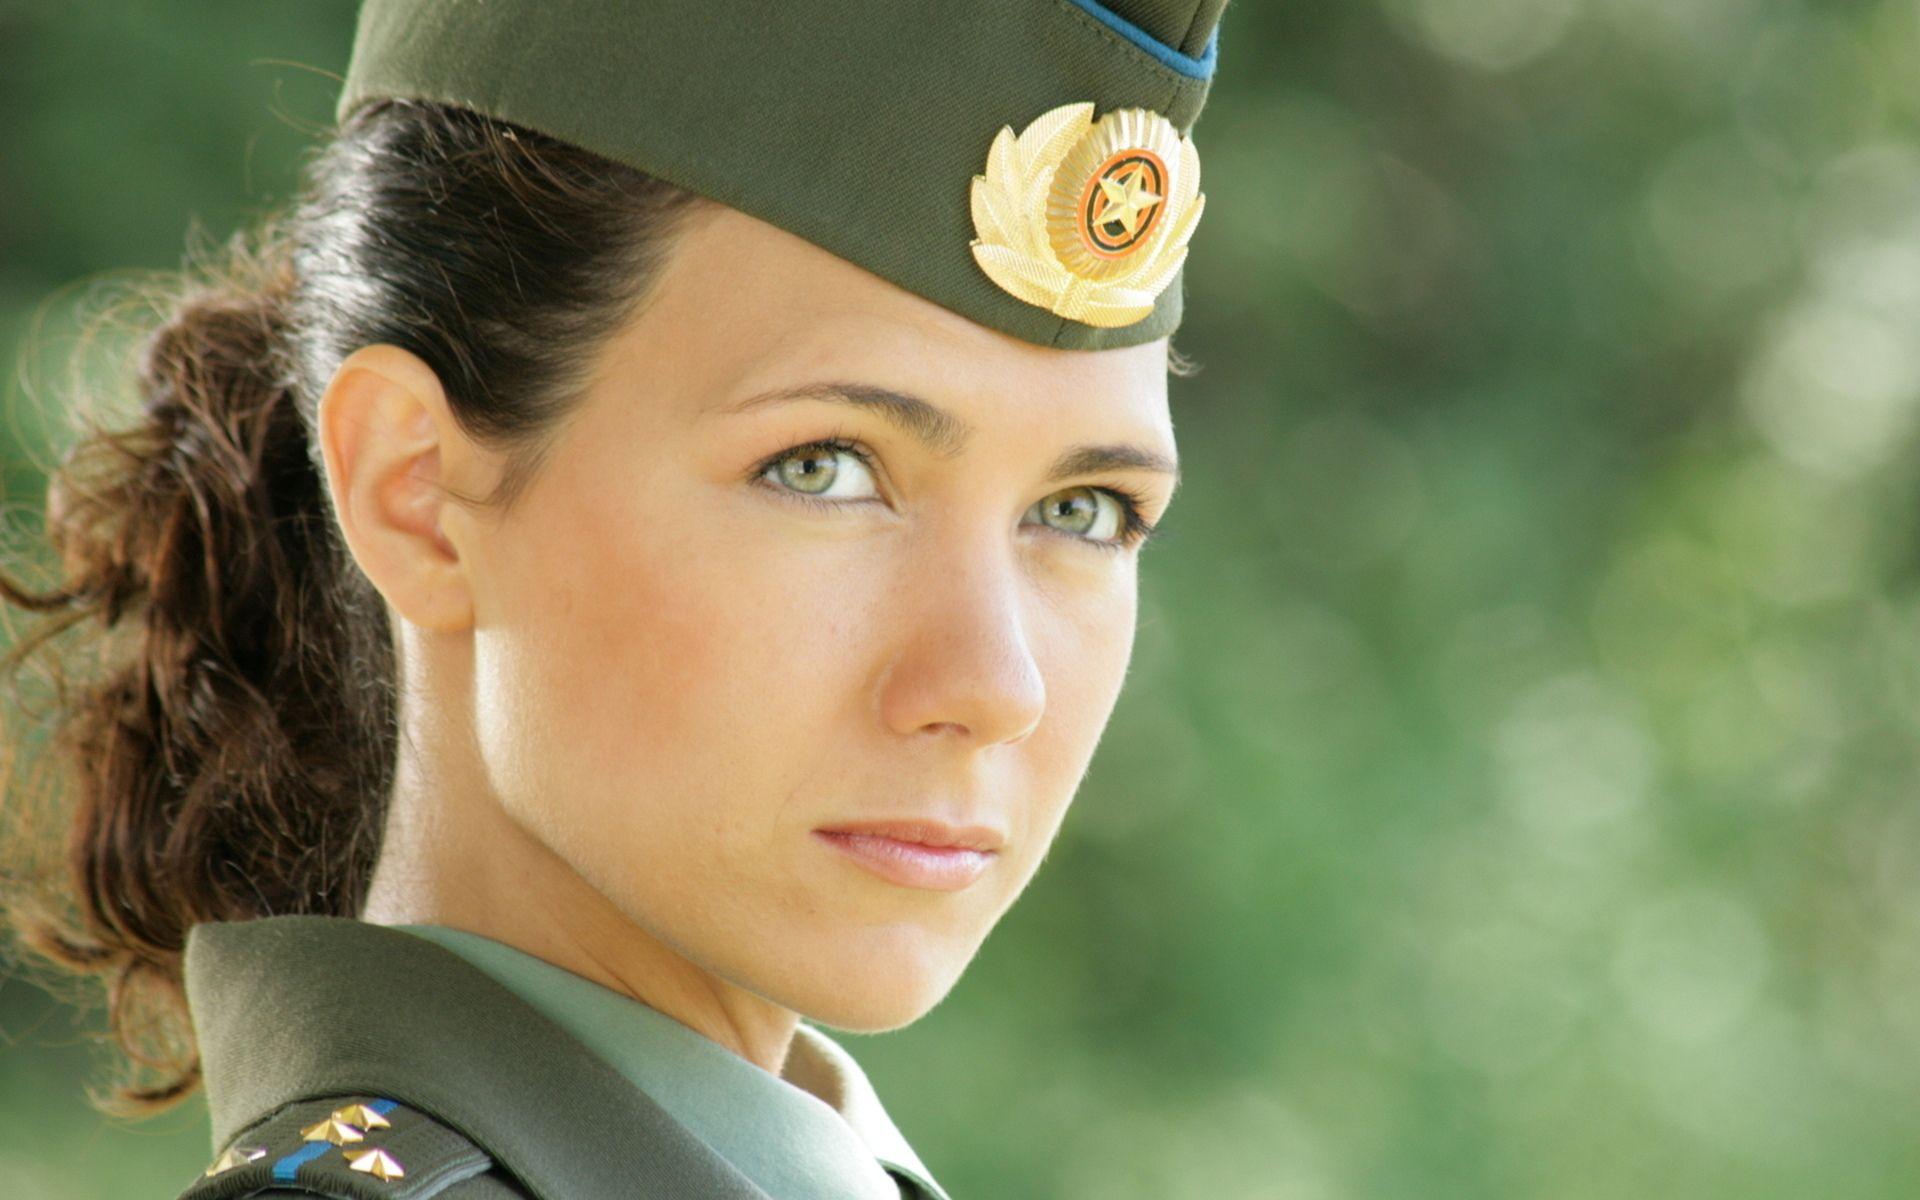 Русская девушка в военной форме 23 фотография